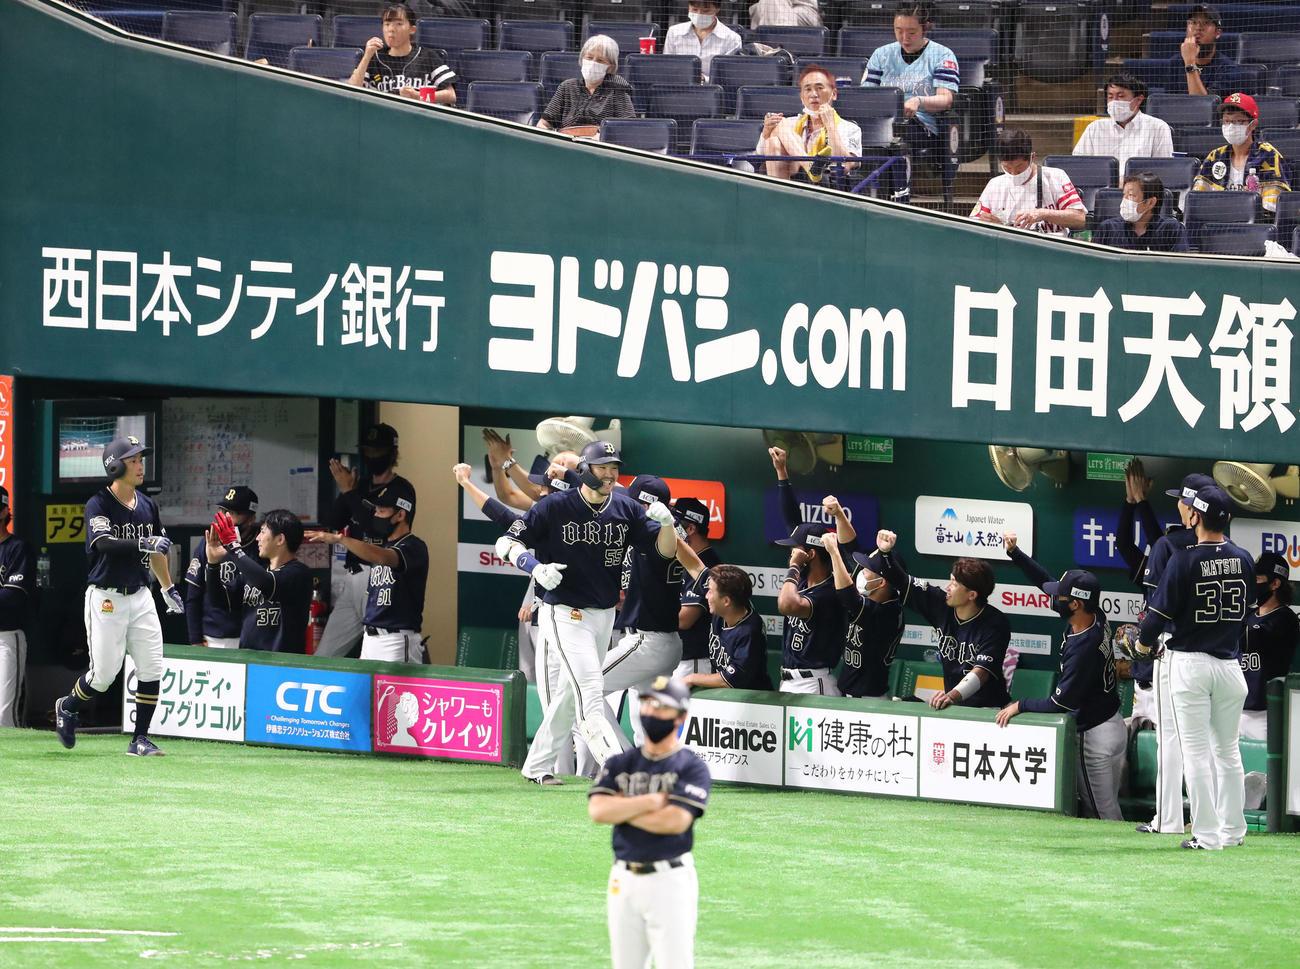 5回表オリックス2死満塁、T-岡田は右中間に逆転となる満塁本塁打を放ちベンチのナインとグータッチ(撮影・梅根麻紀)